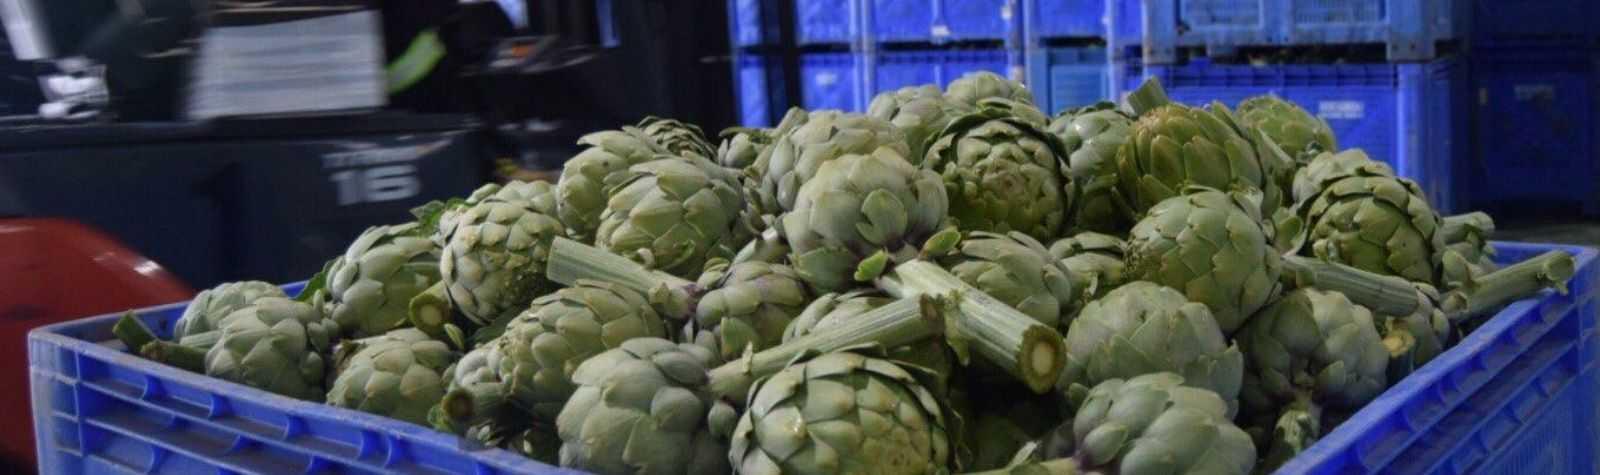 Las subastas de productos agrarios murcianos cumplen más de 40 años